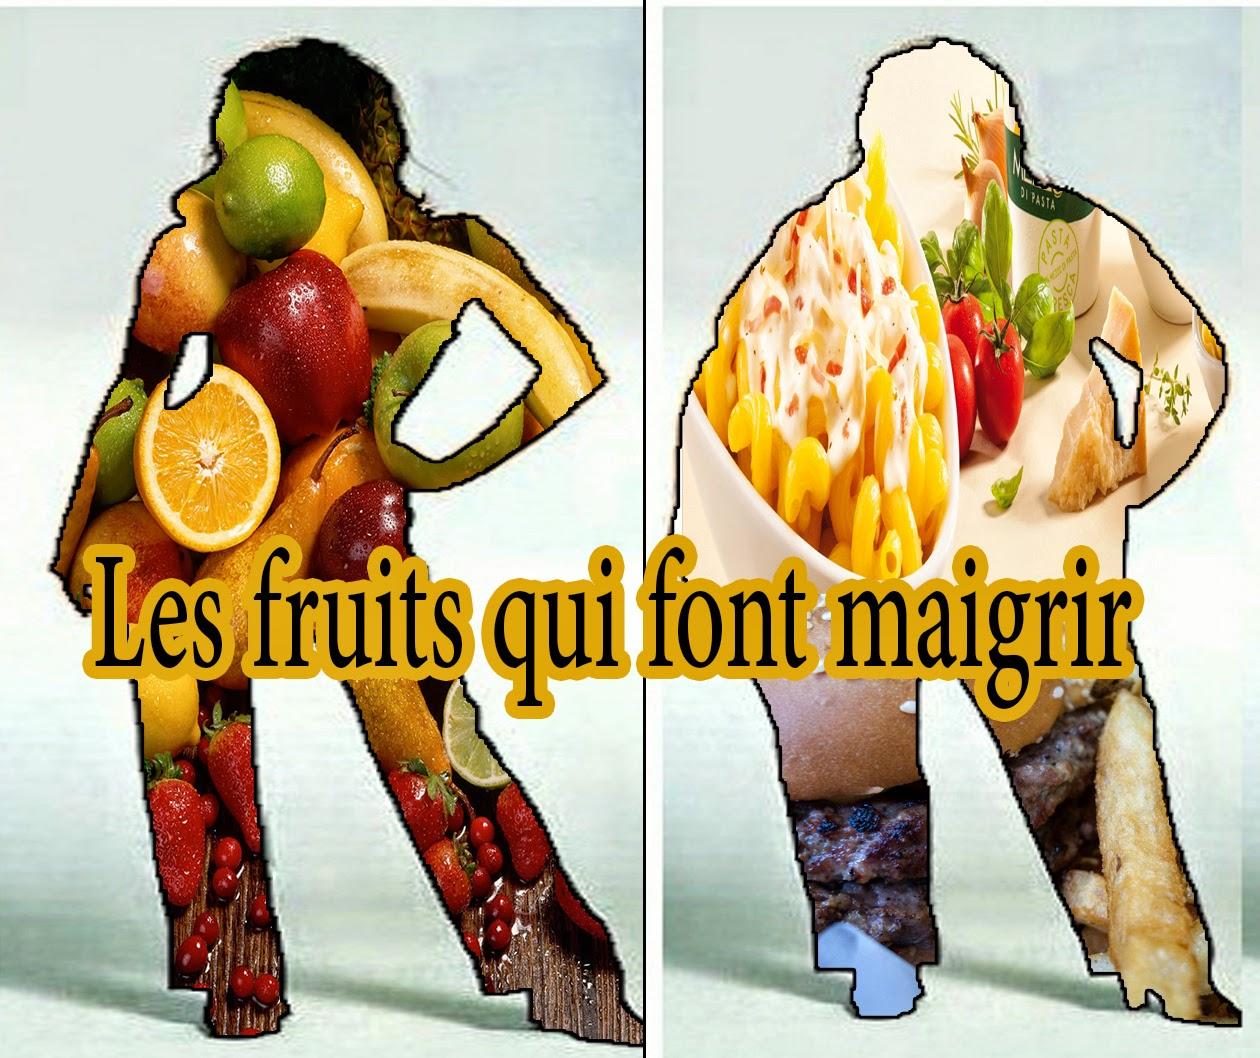 Les fruits qui font maigrir ~ Sports et santé